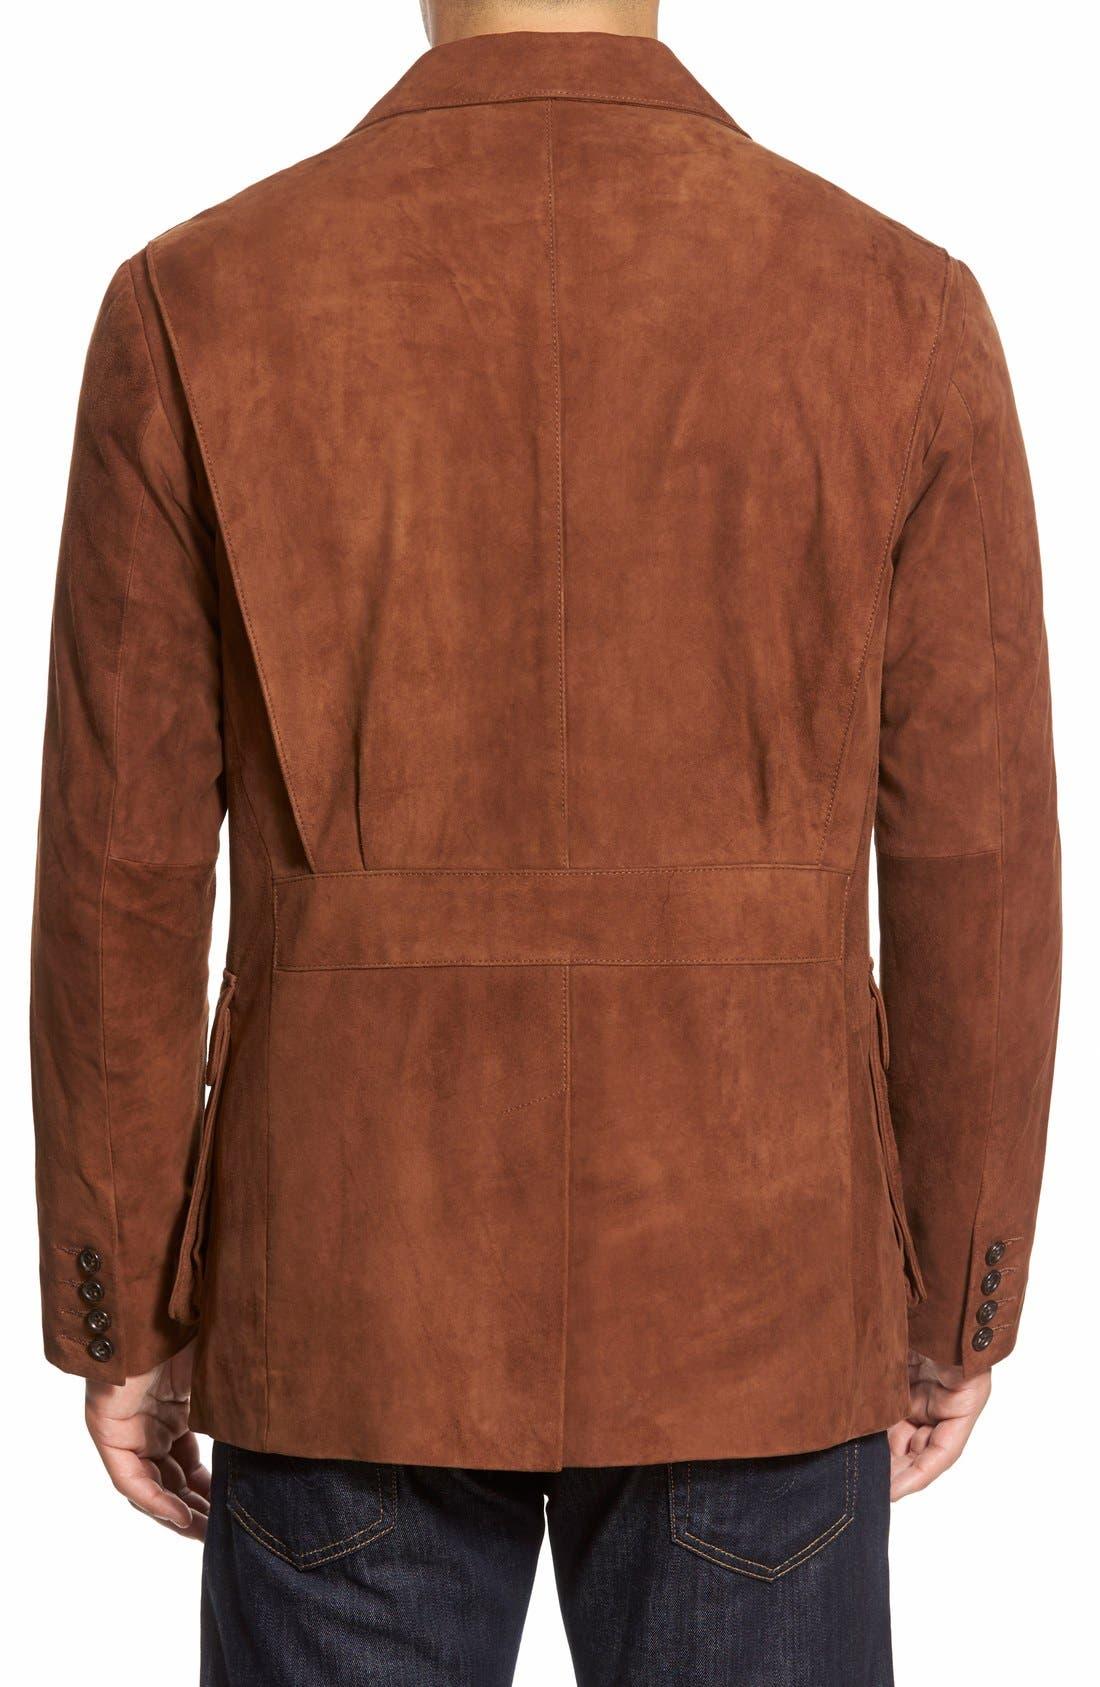 Alternate Image 2  - Golden Bear Slim FitSuede Blazer